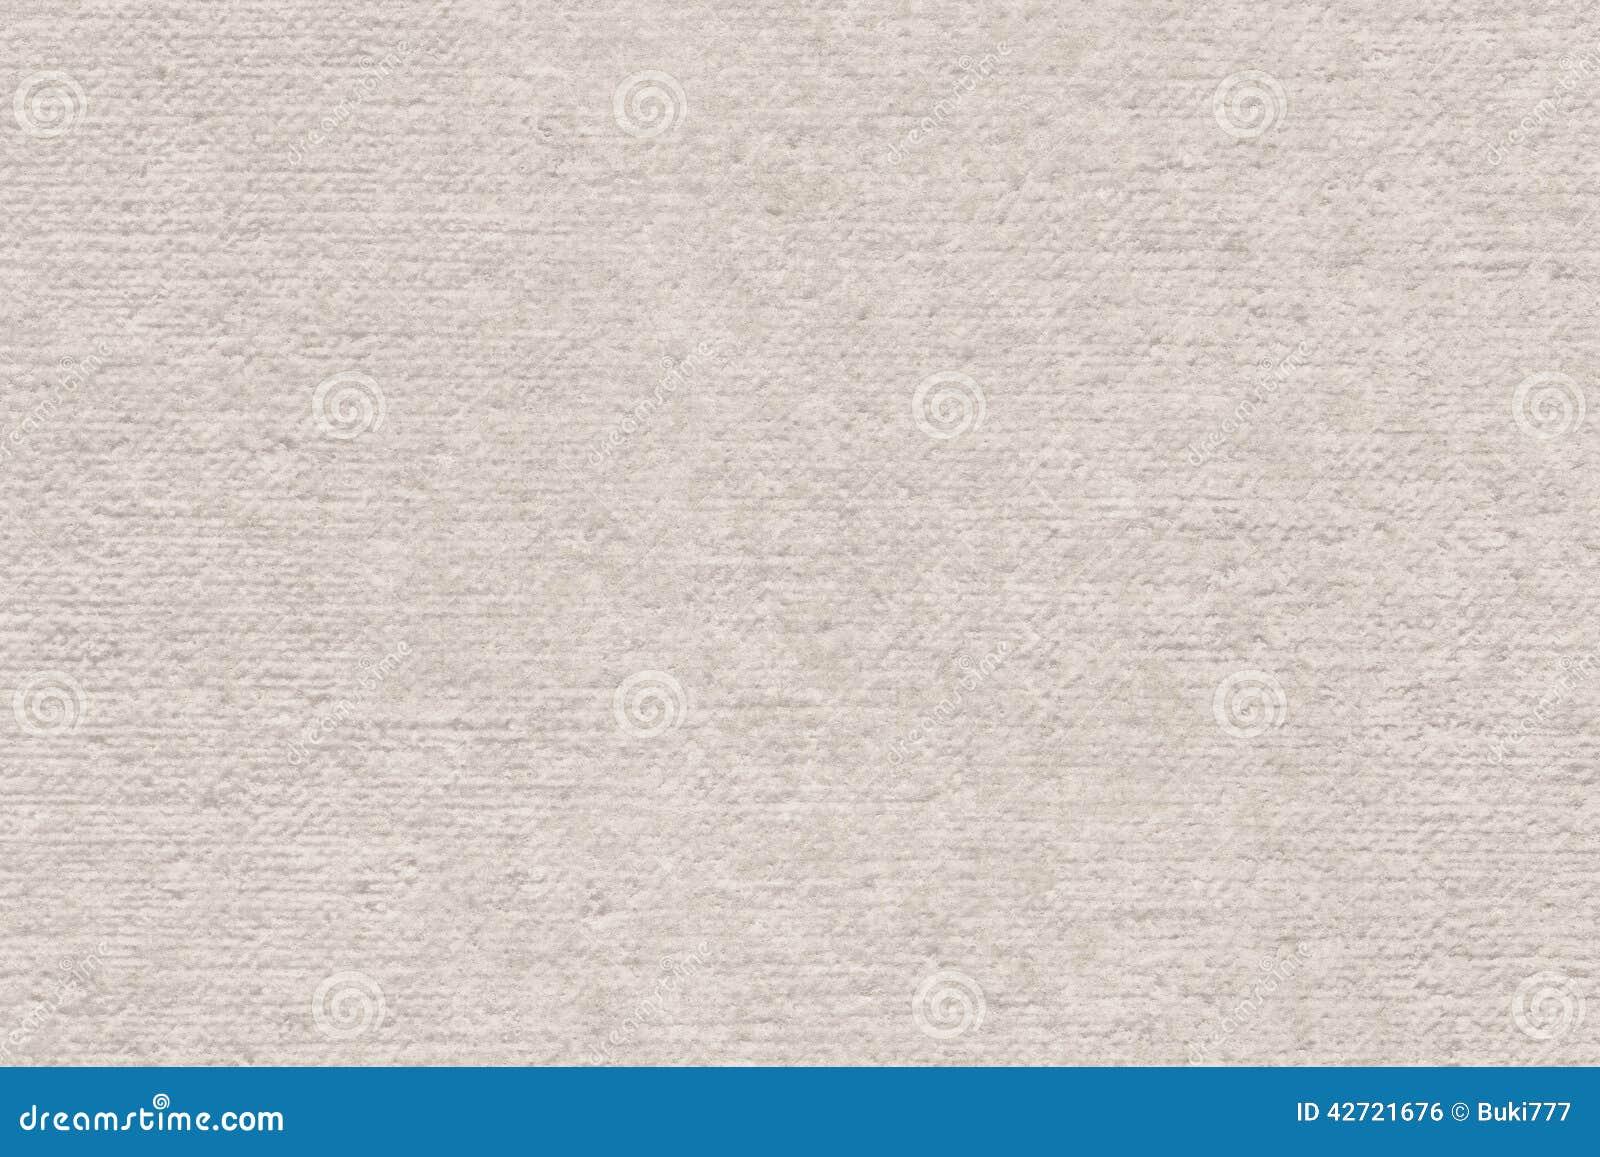 Konstnärs prövkopia för textur för linneDuck Primed Canvas Coarse Grain Grunge